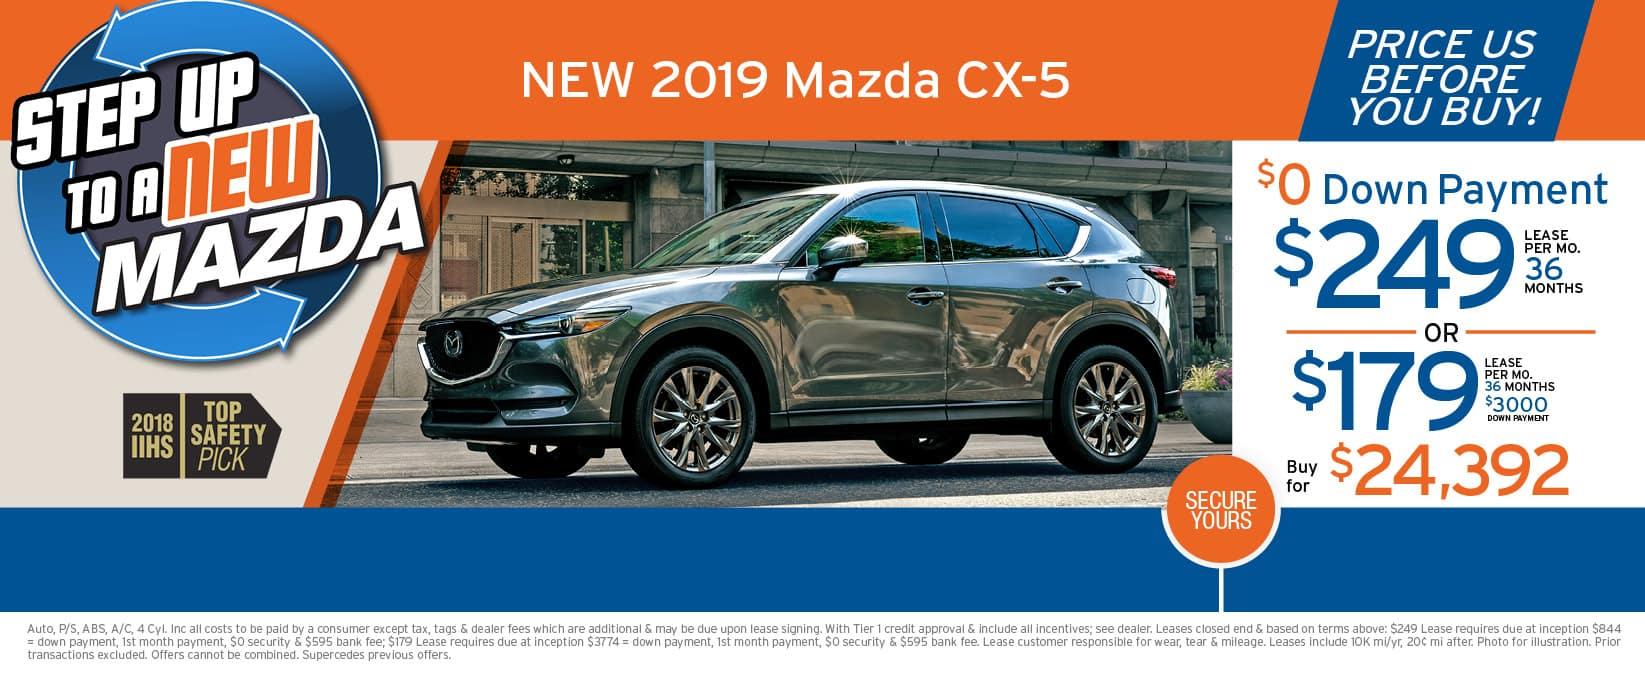 New Mazda Used Car Dealer In Fl Mazda Of Palm Beach